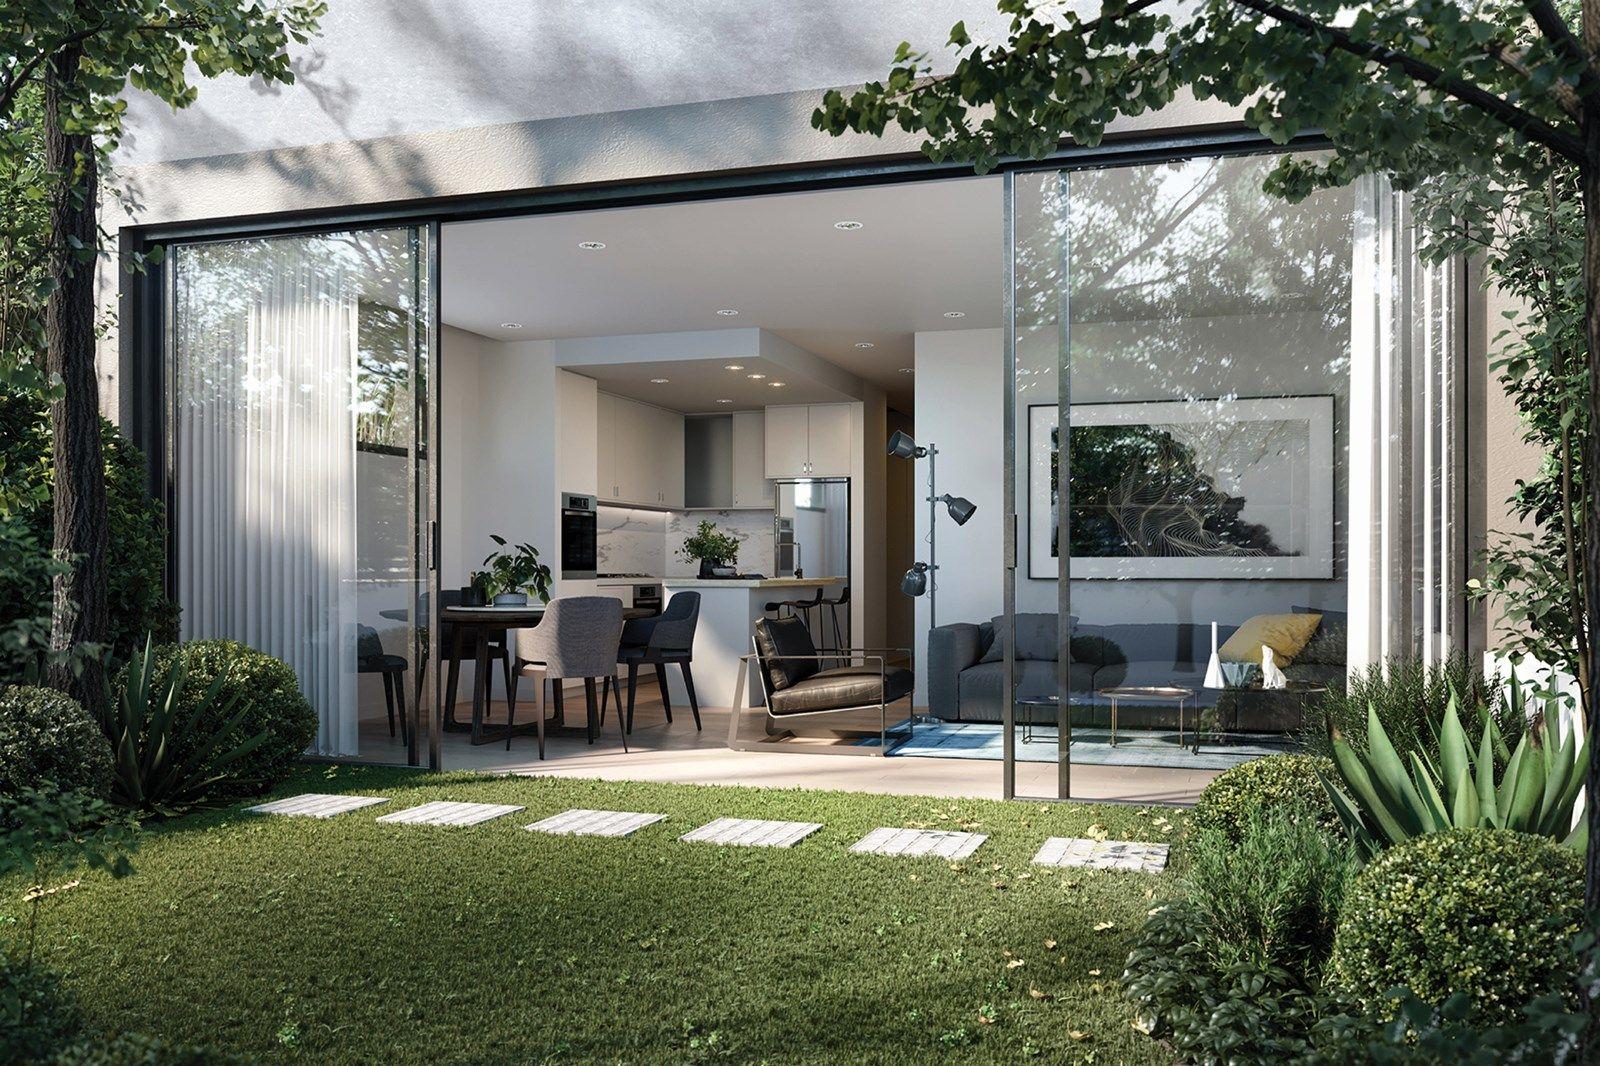 1 Nulla Nulla Street, Turramurra, NSW 2074, Image 0